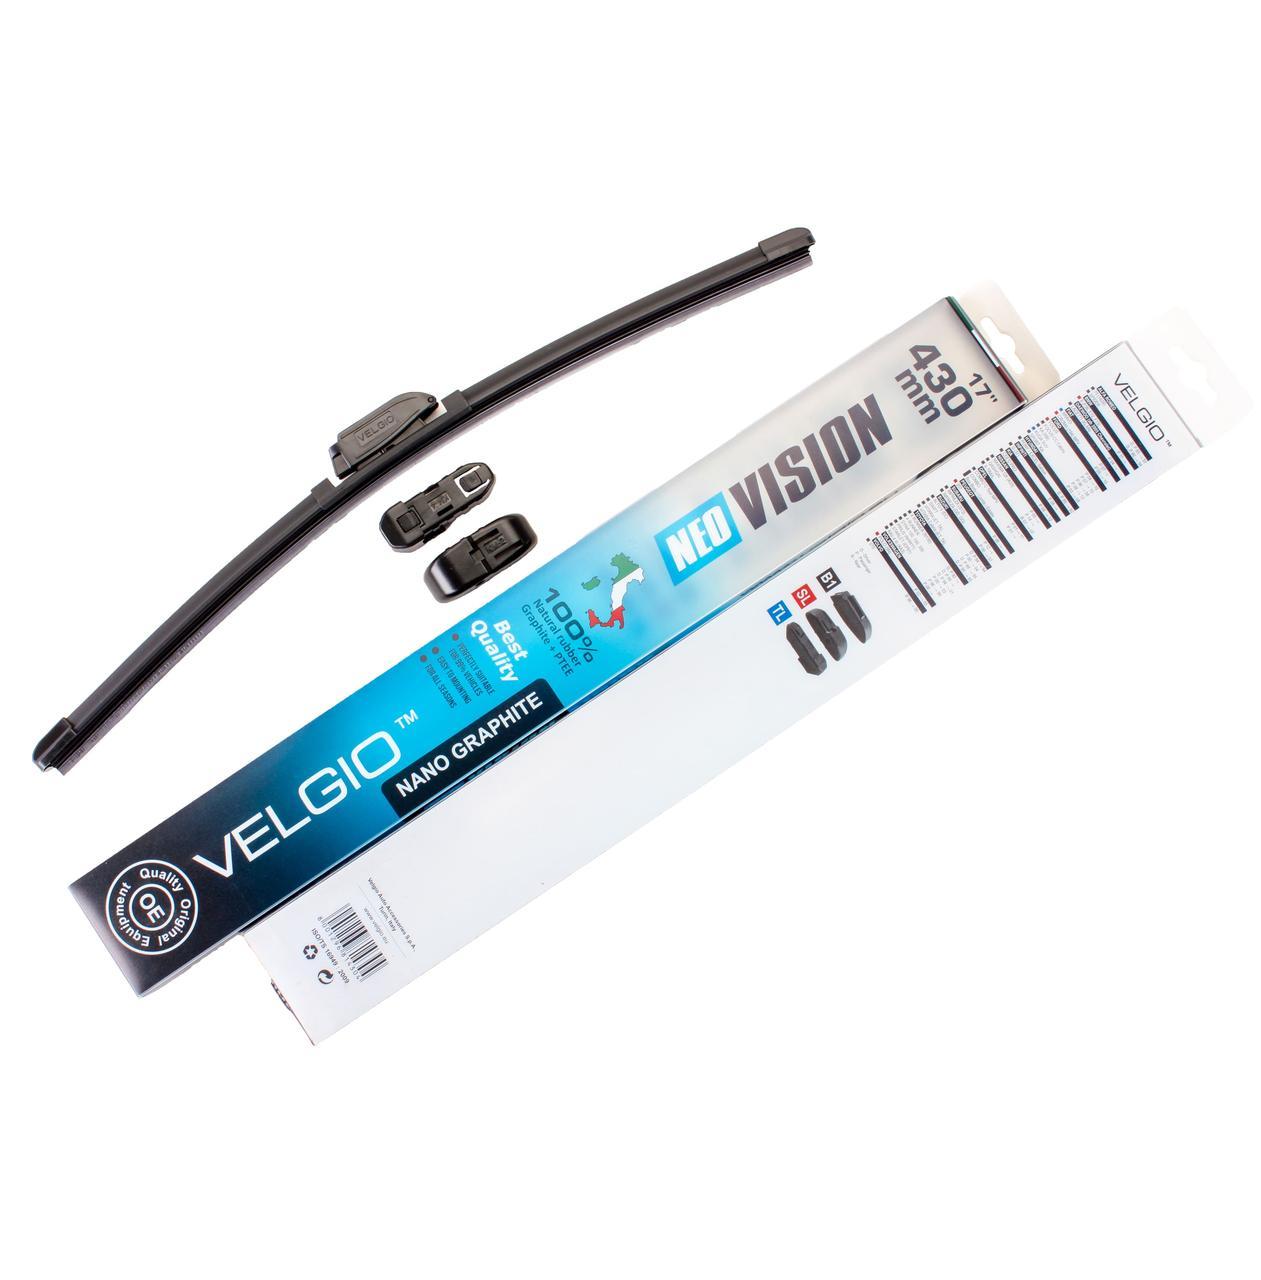 Дворники для авто Velgio Neo Vision 17in / 430мм